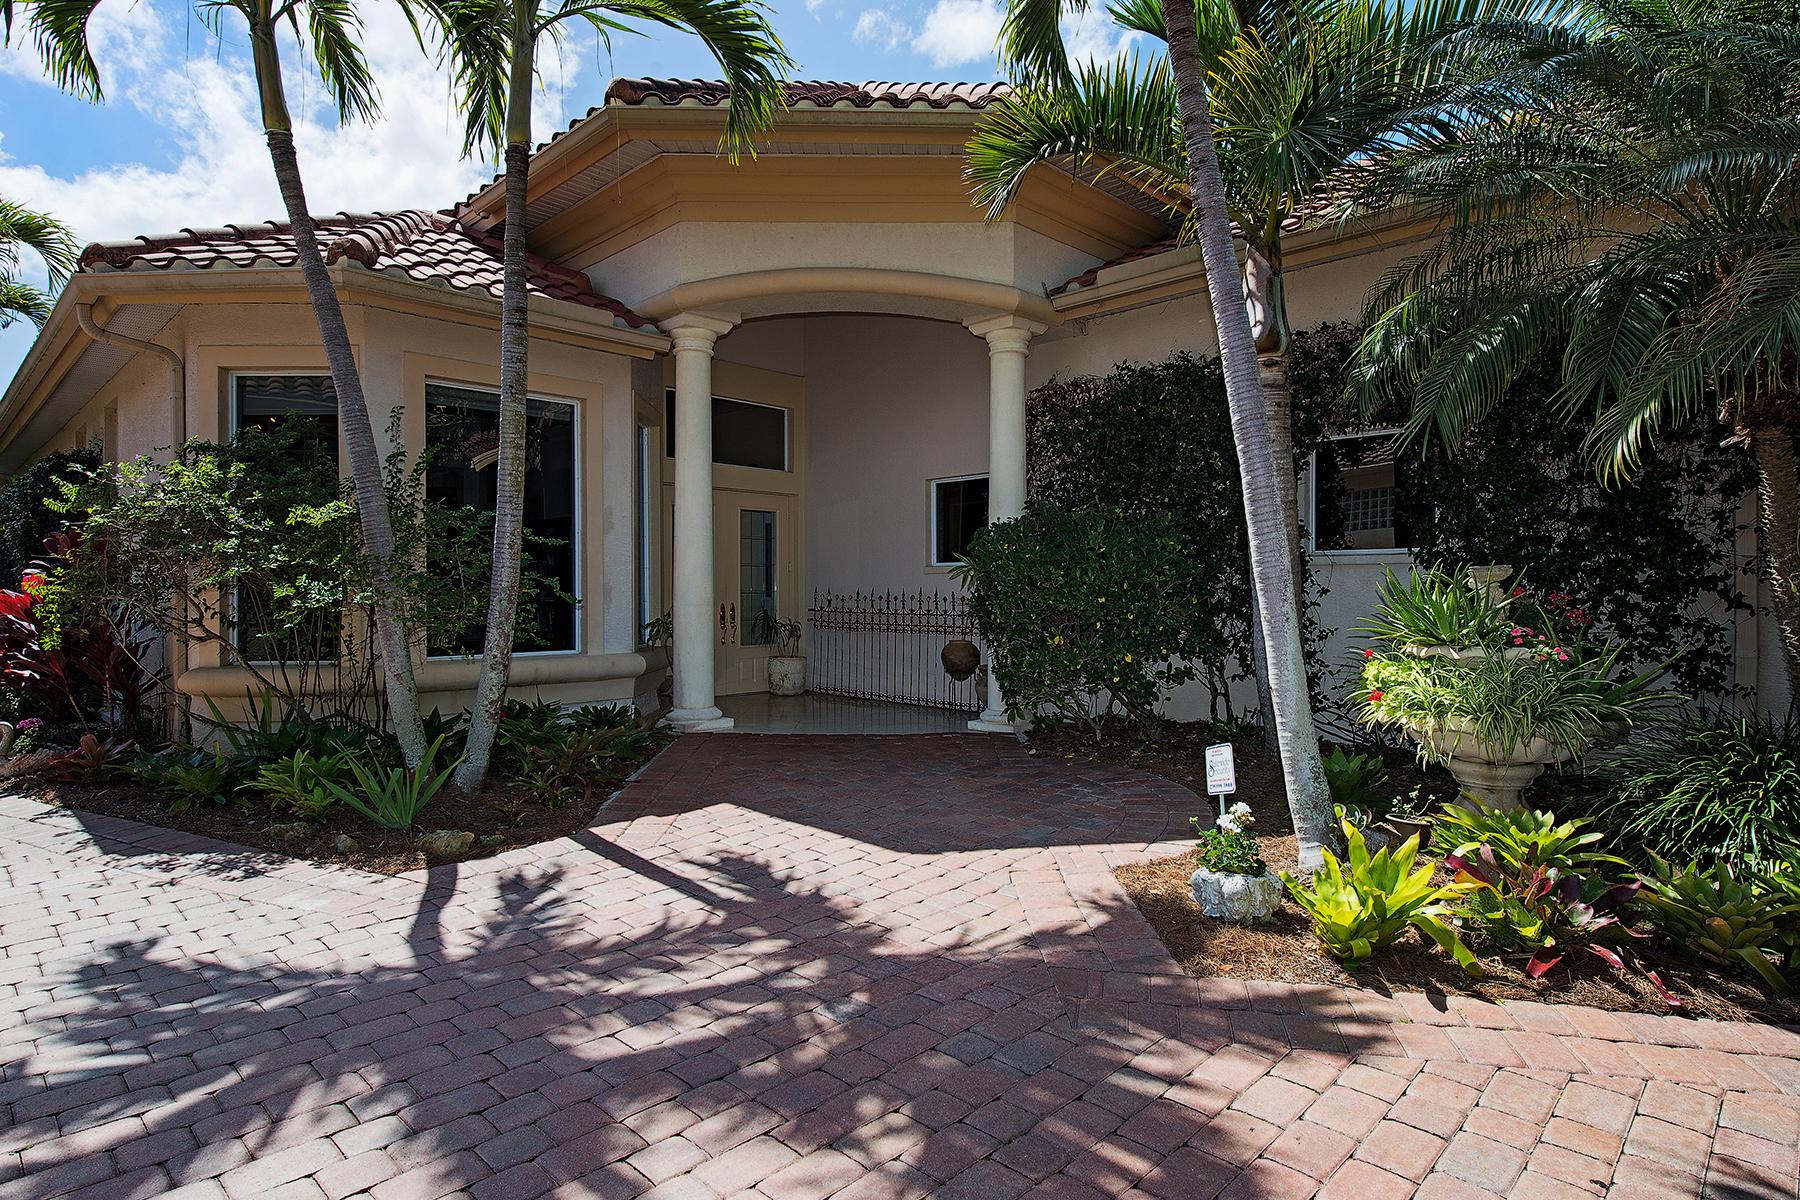 Casa para uma família para Venda às PELICAN MARSH-PORTOFINO 1450 Via Portofino Naples, Florida 34108 Estados Unidos